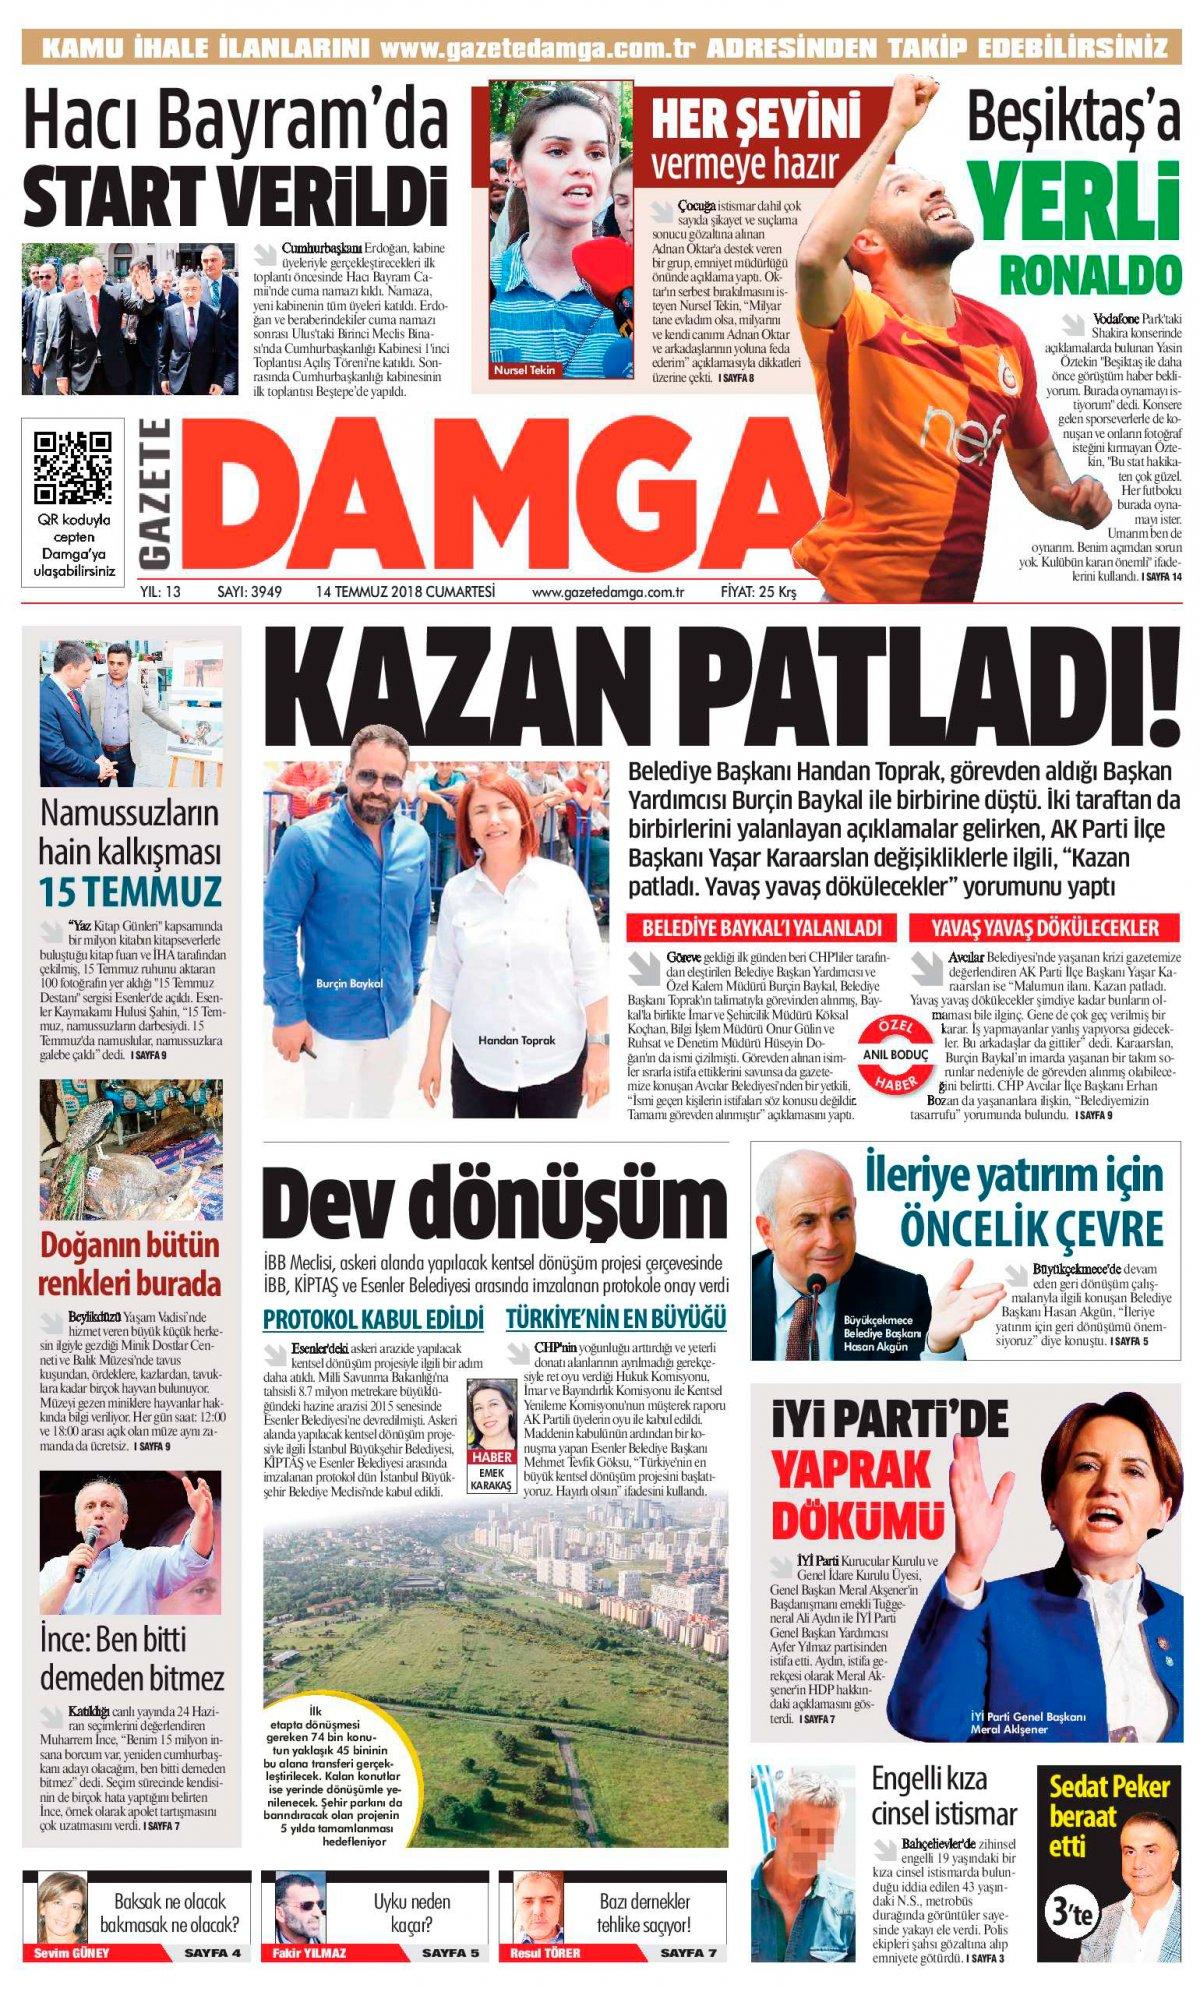 Gazete Damga - 14.07.2018 Manşeti